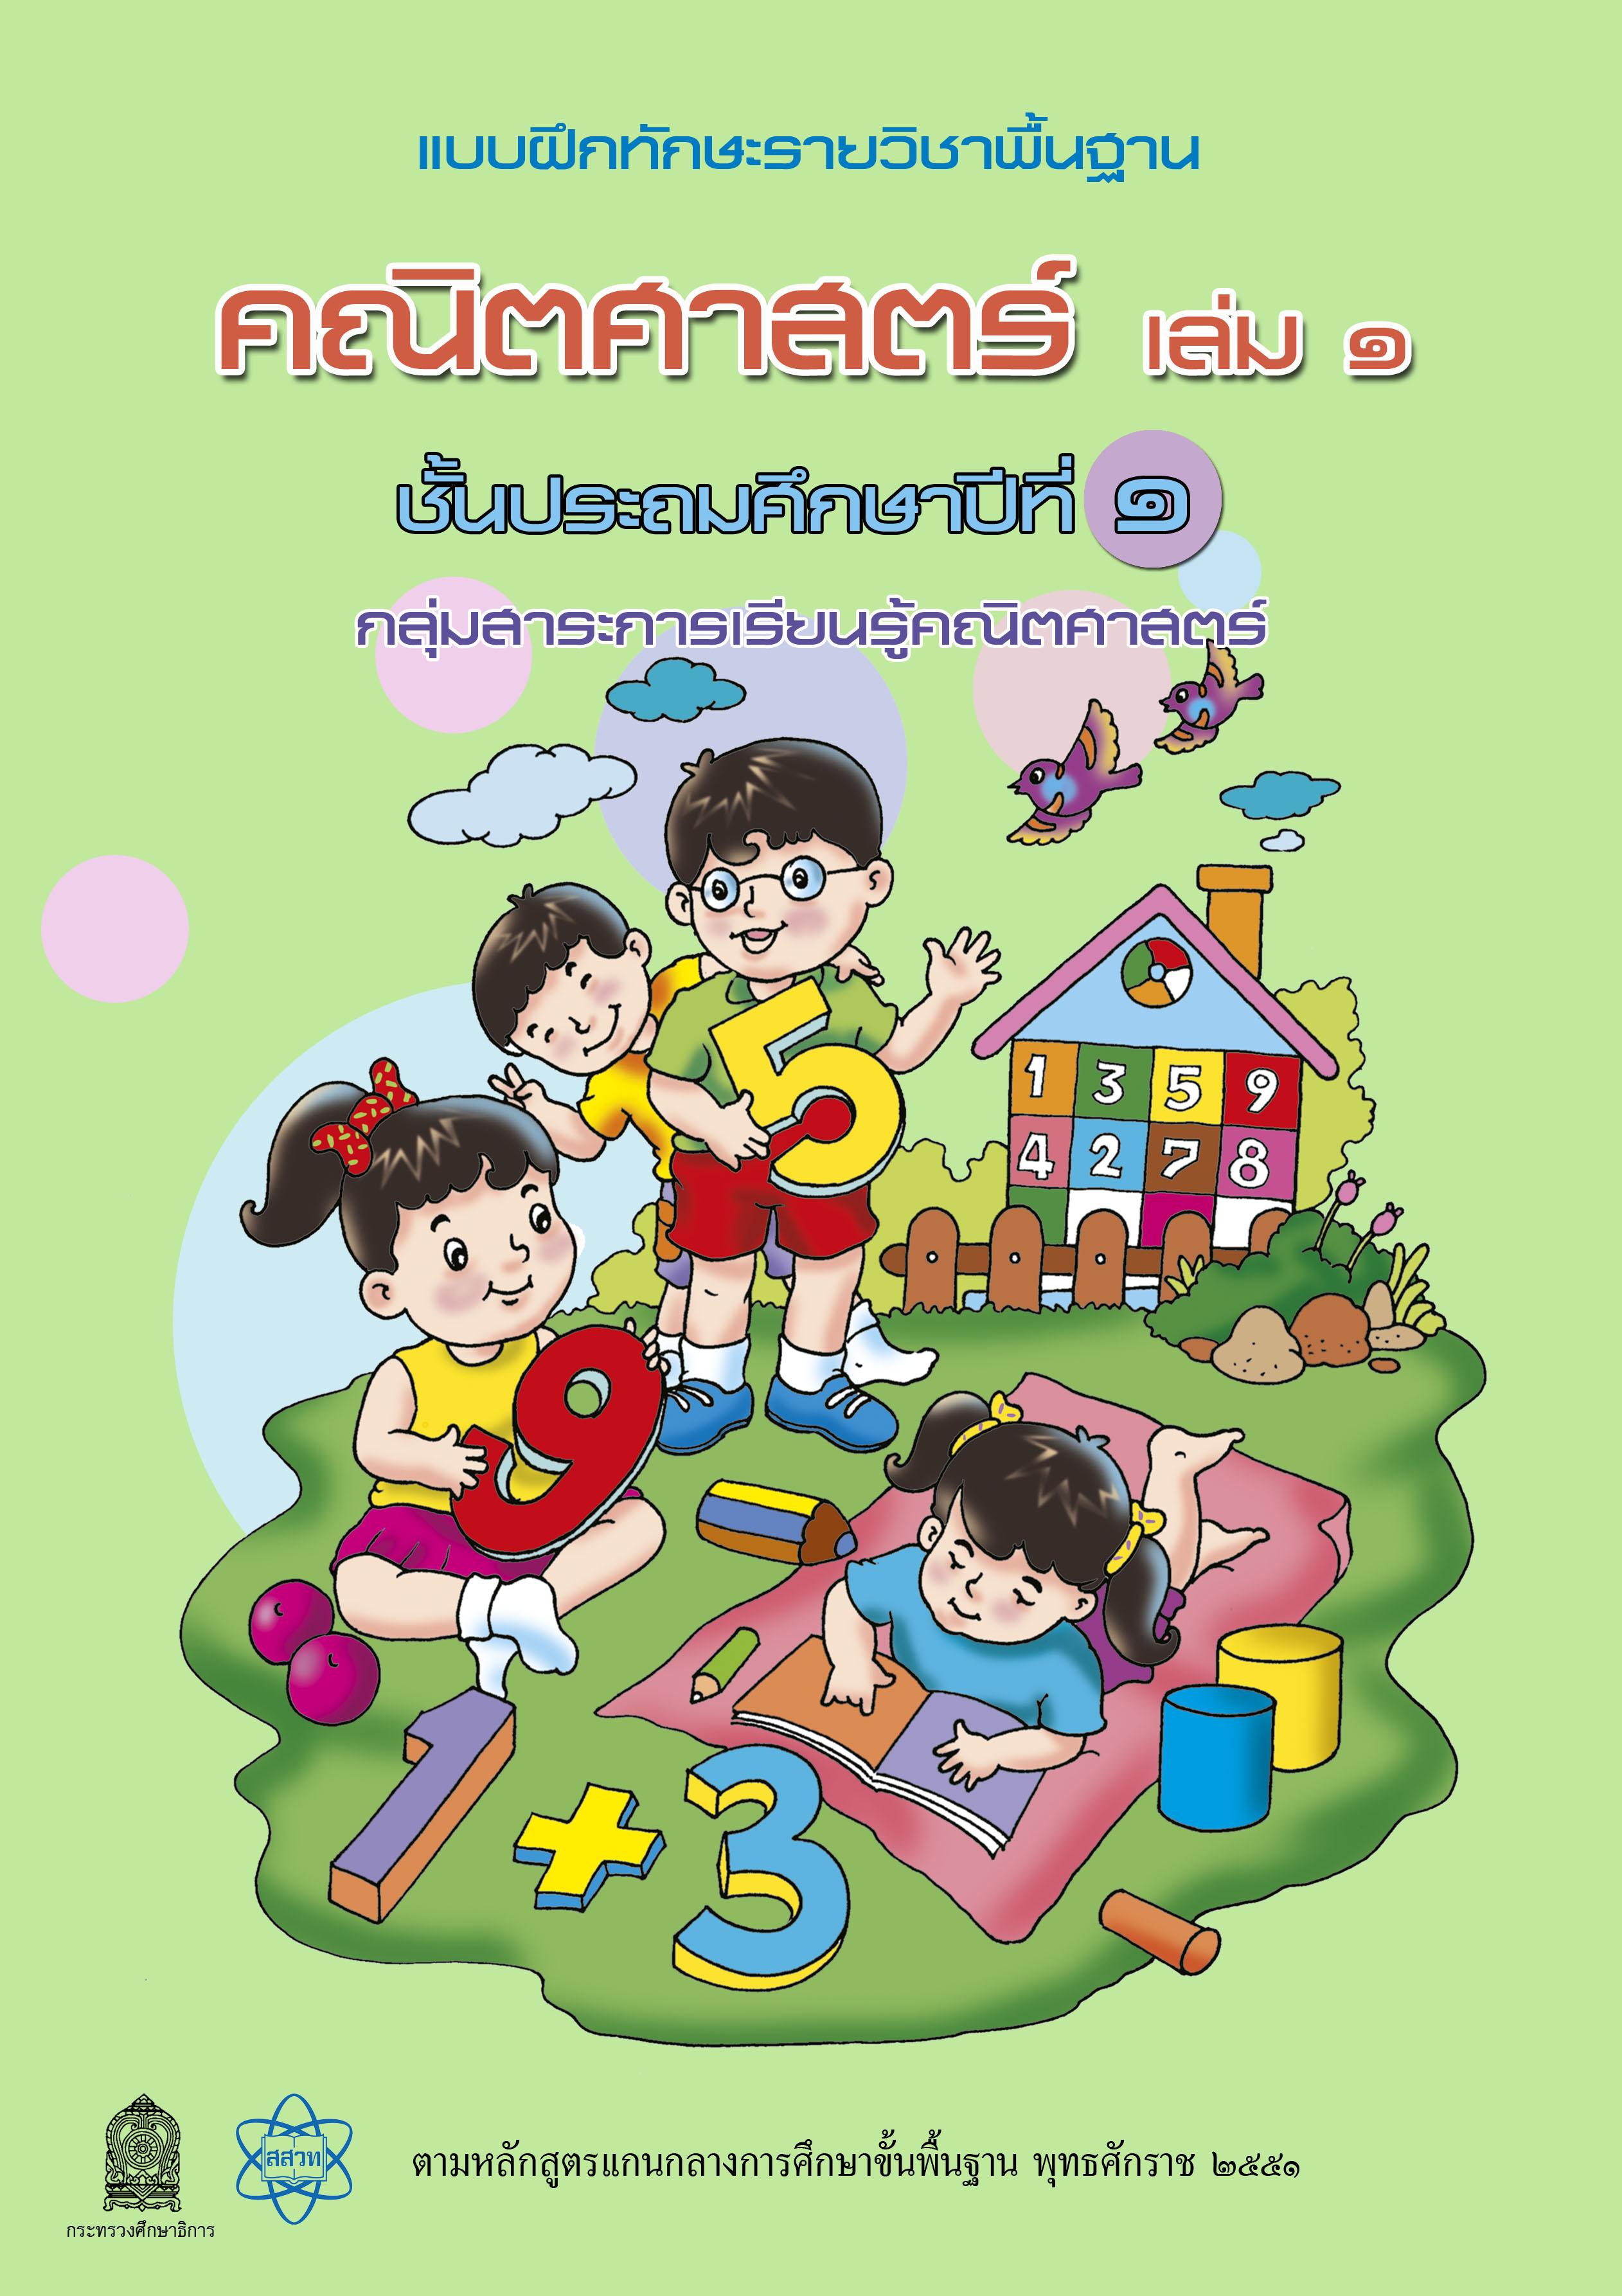 แบบฝึกทักษะรายวิชาพื้นฐาน คณิตศาสตร์ ป.1 เล่ม 1